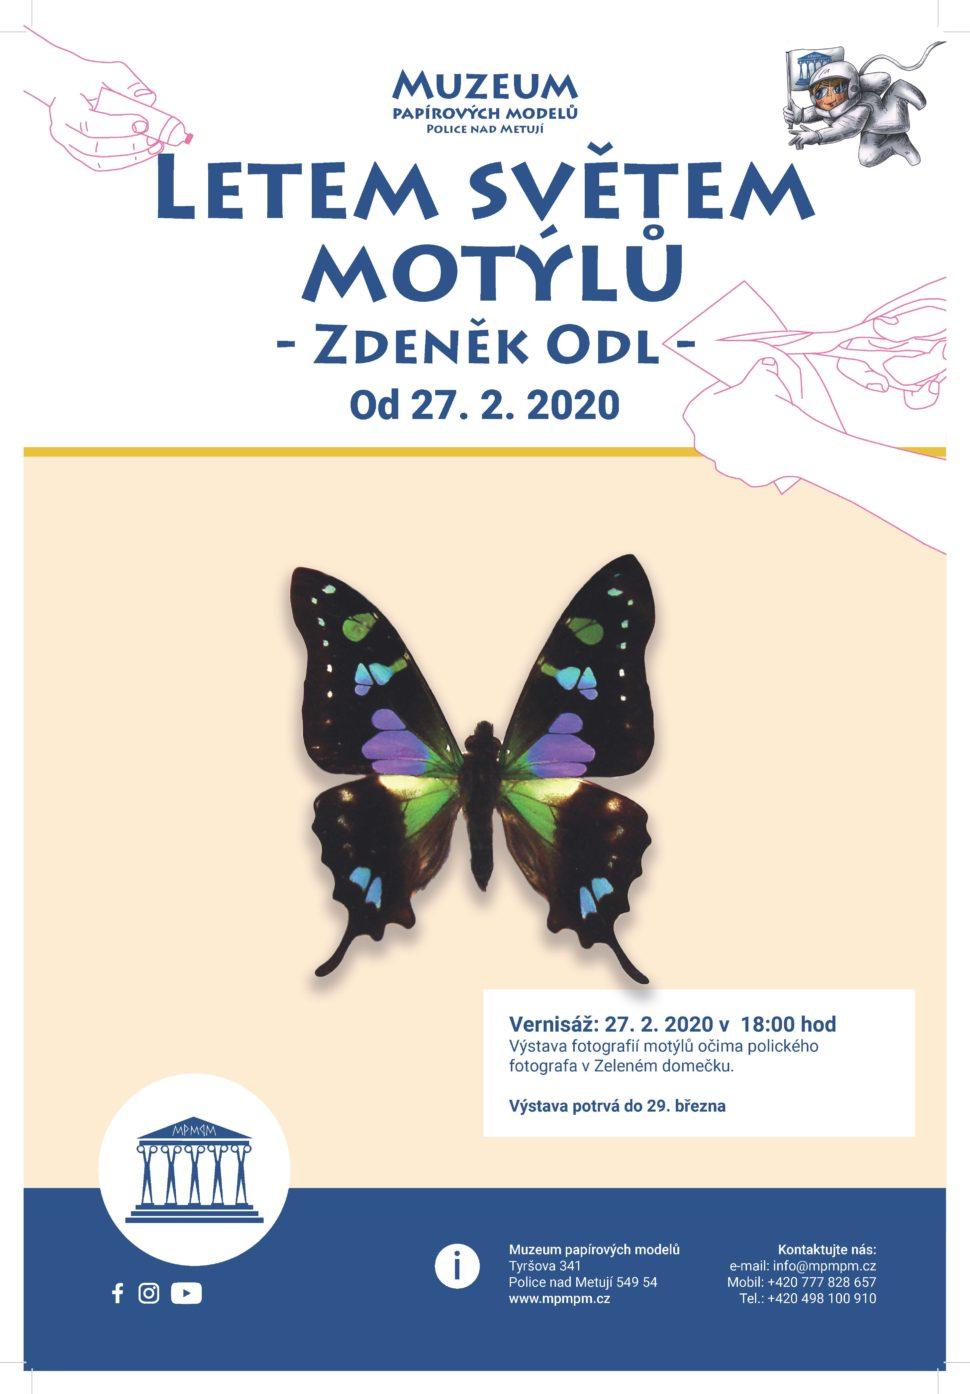 Odl - motýli